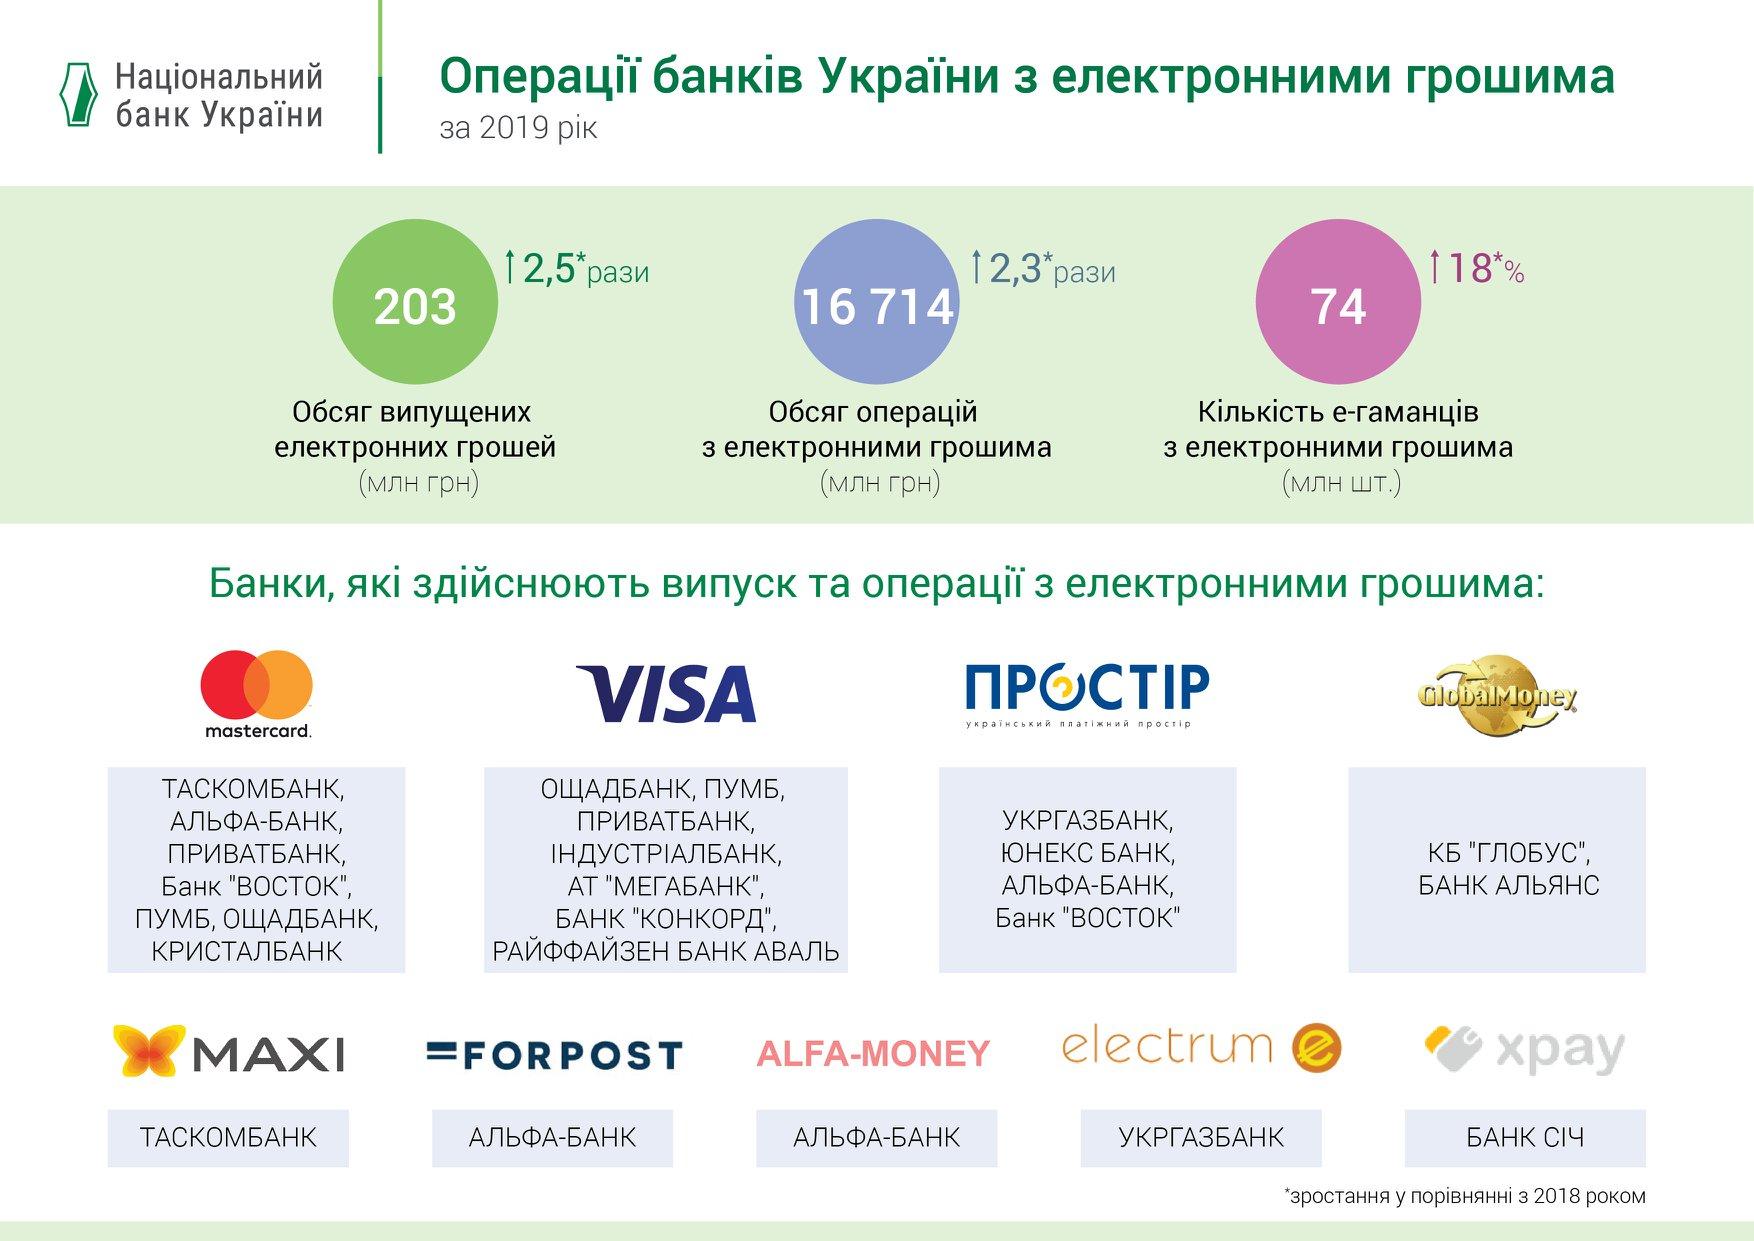 Нацбанк такой рост связывает с интересом участников рынка к данному платежному инструменту.